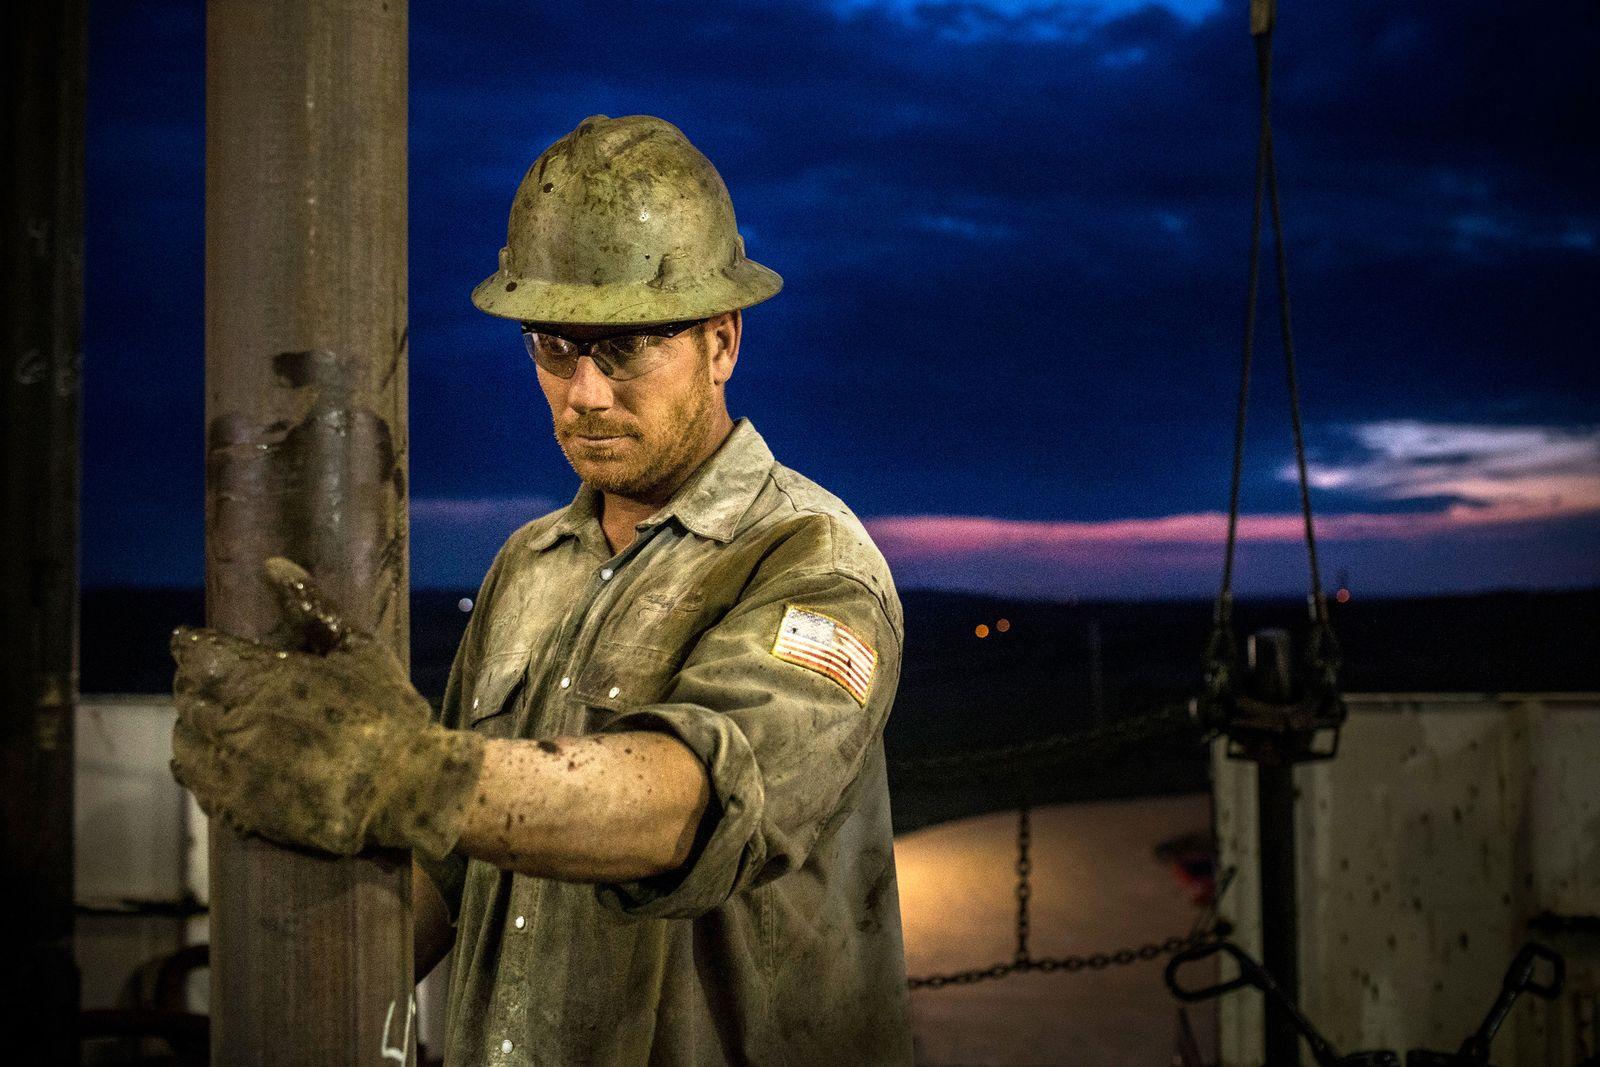 USA / Konjunktur / Wirtschaft / Öl